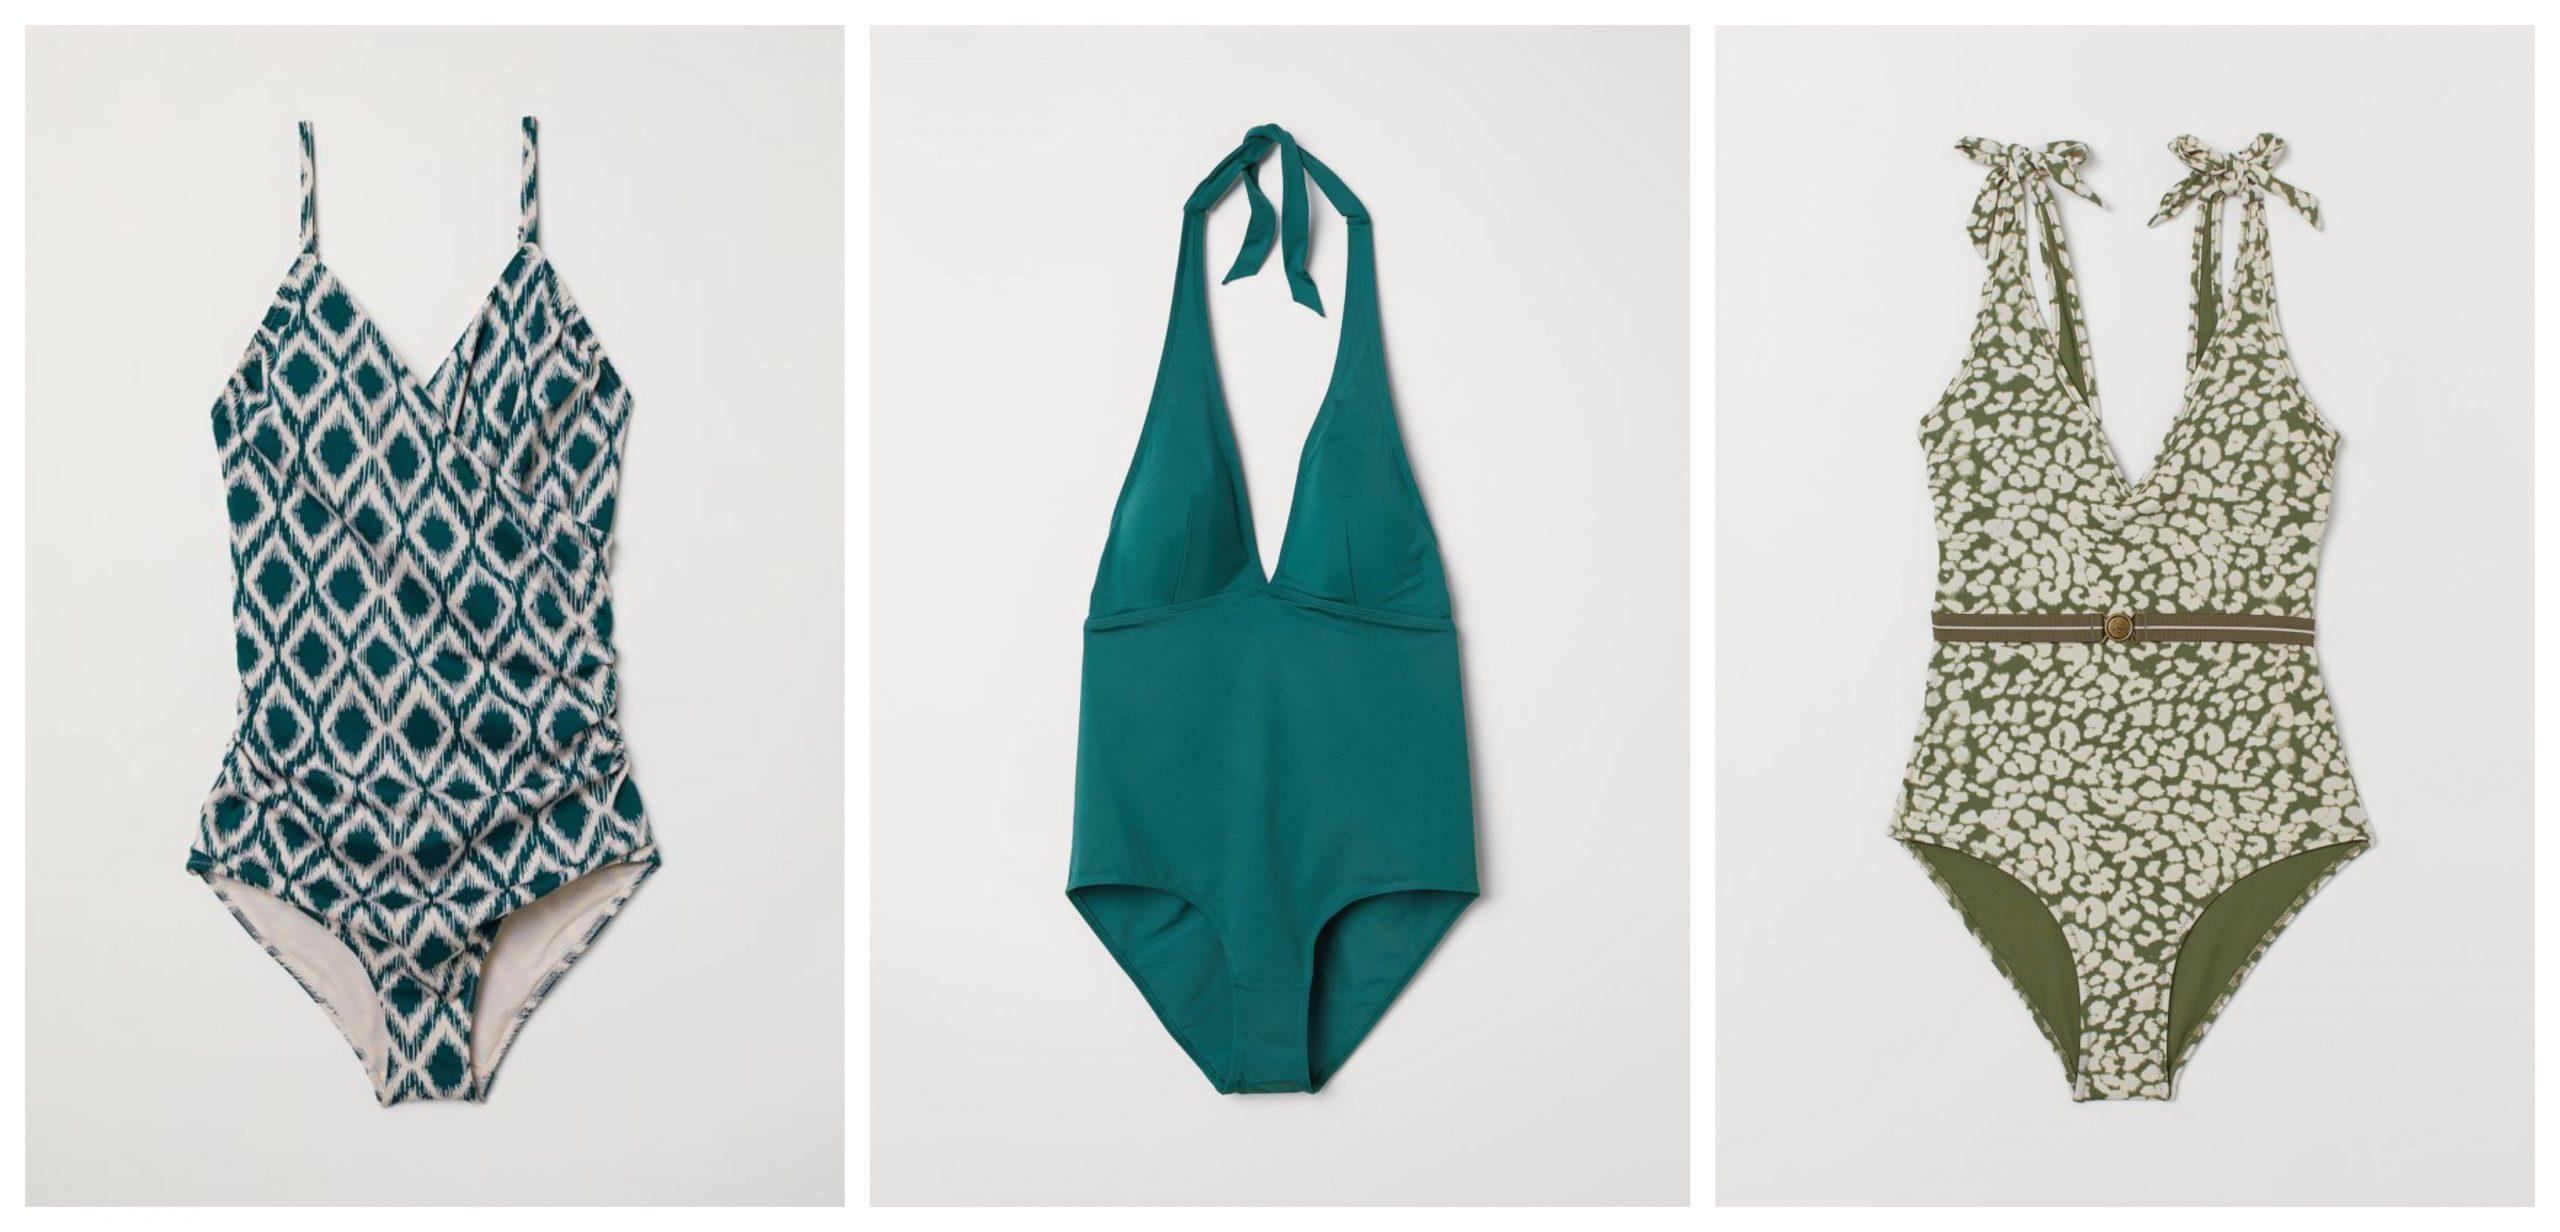 3 trajes de baño rebajados de H&M para lucir en playa y en la piscina este verano.